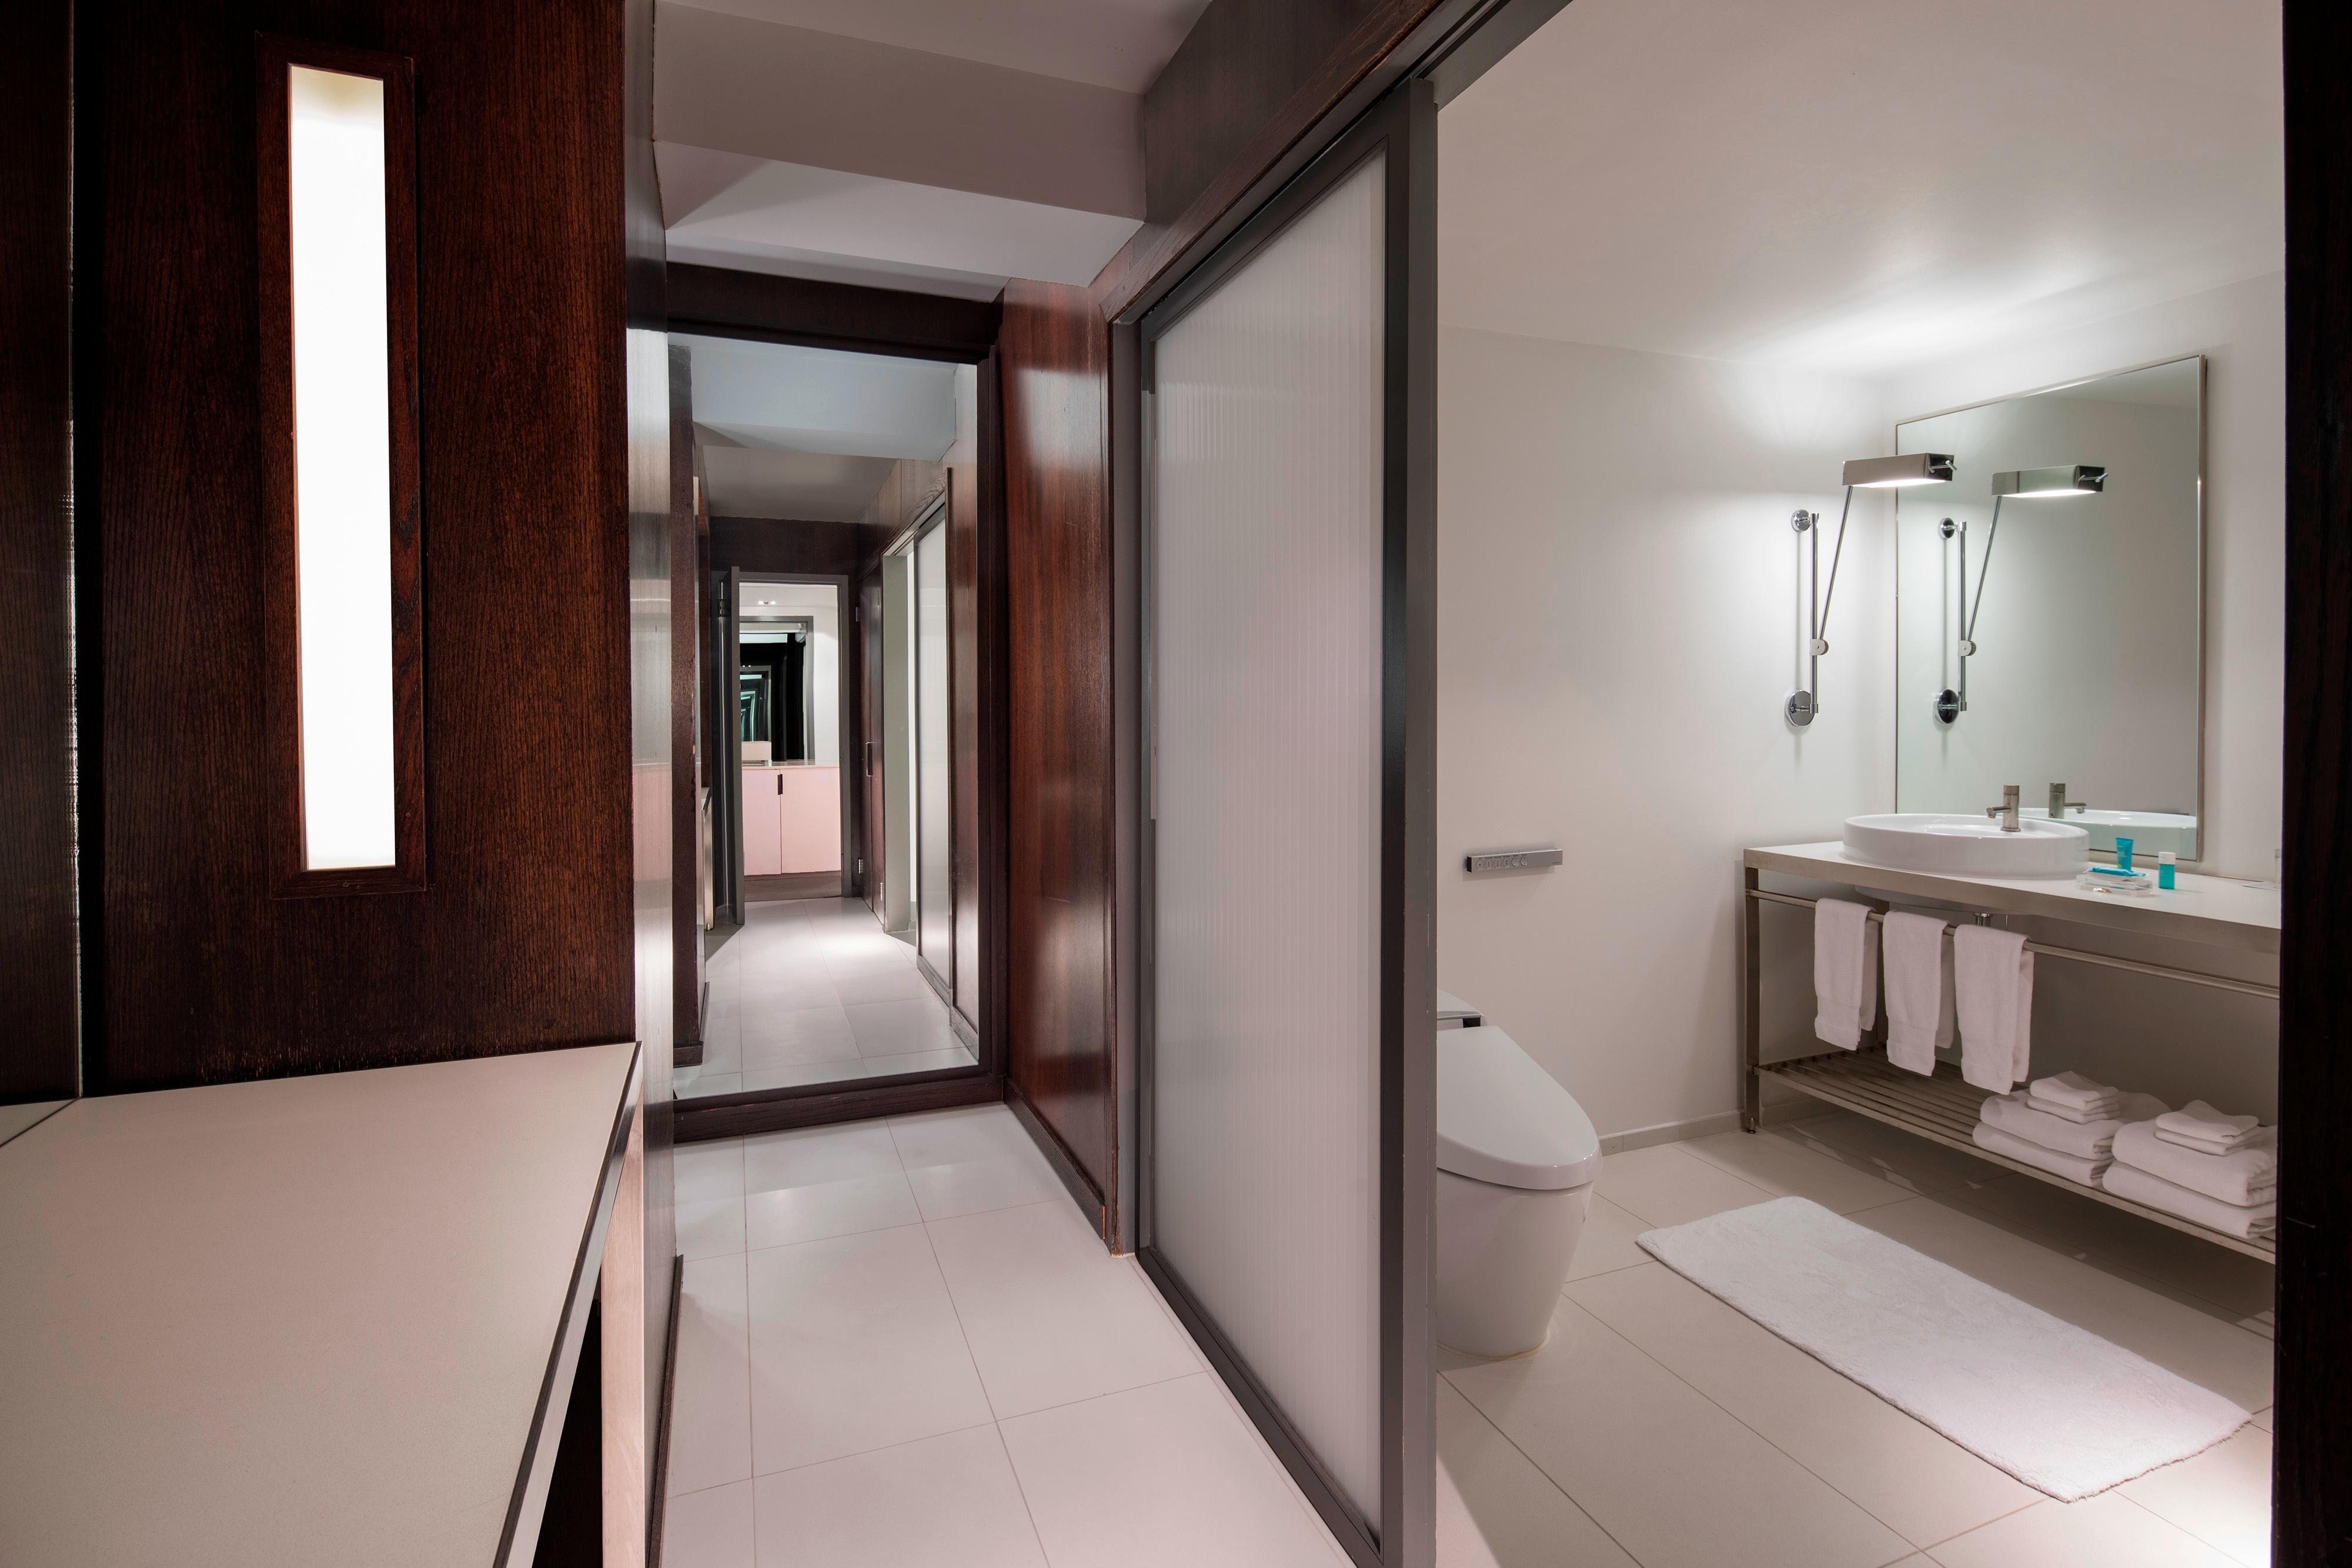 Ванная комната люкса WOW